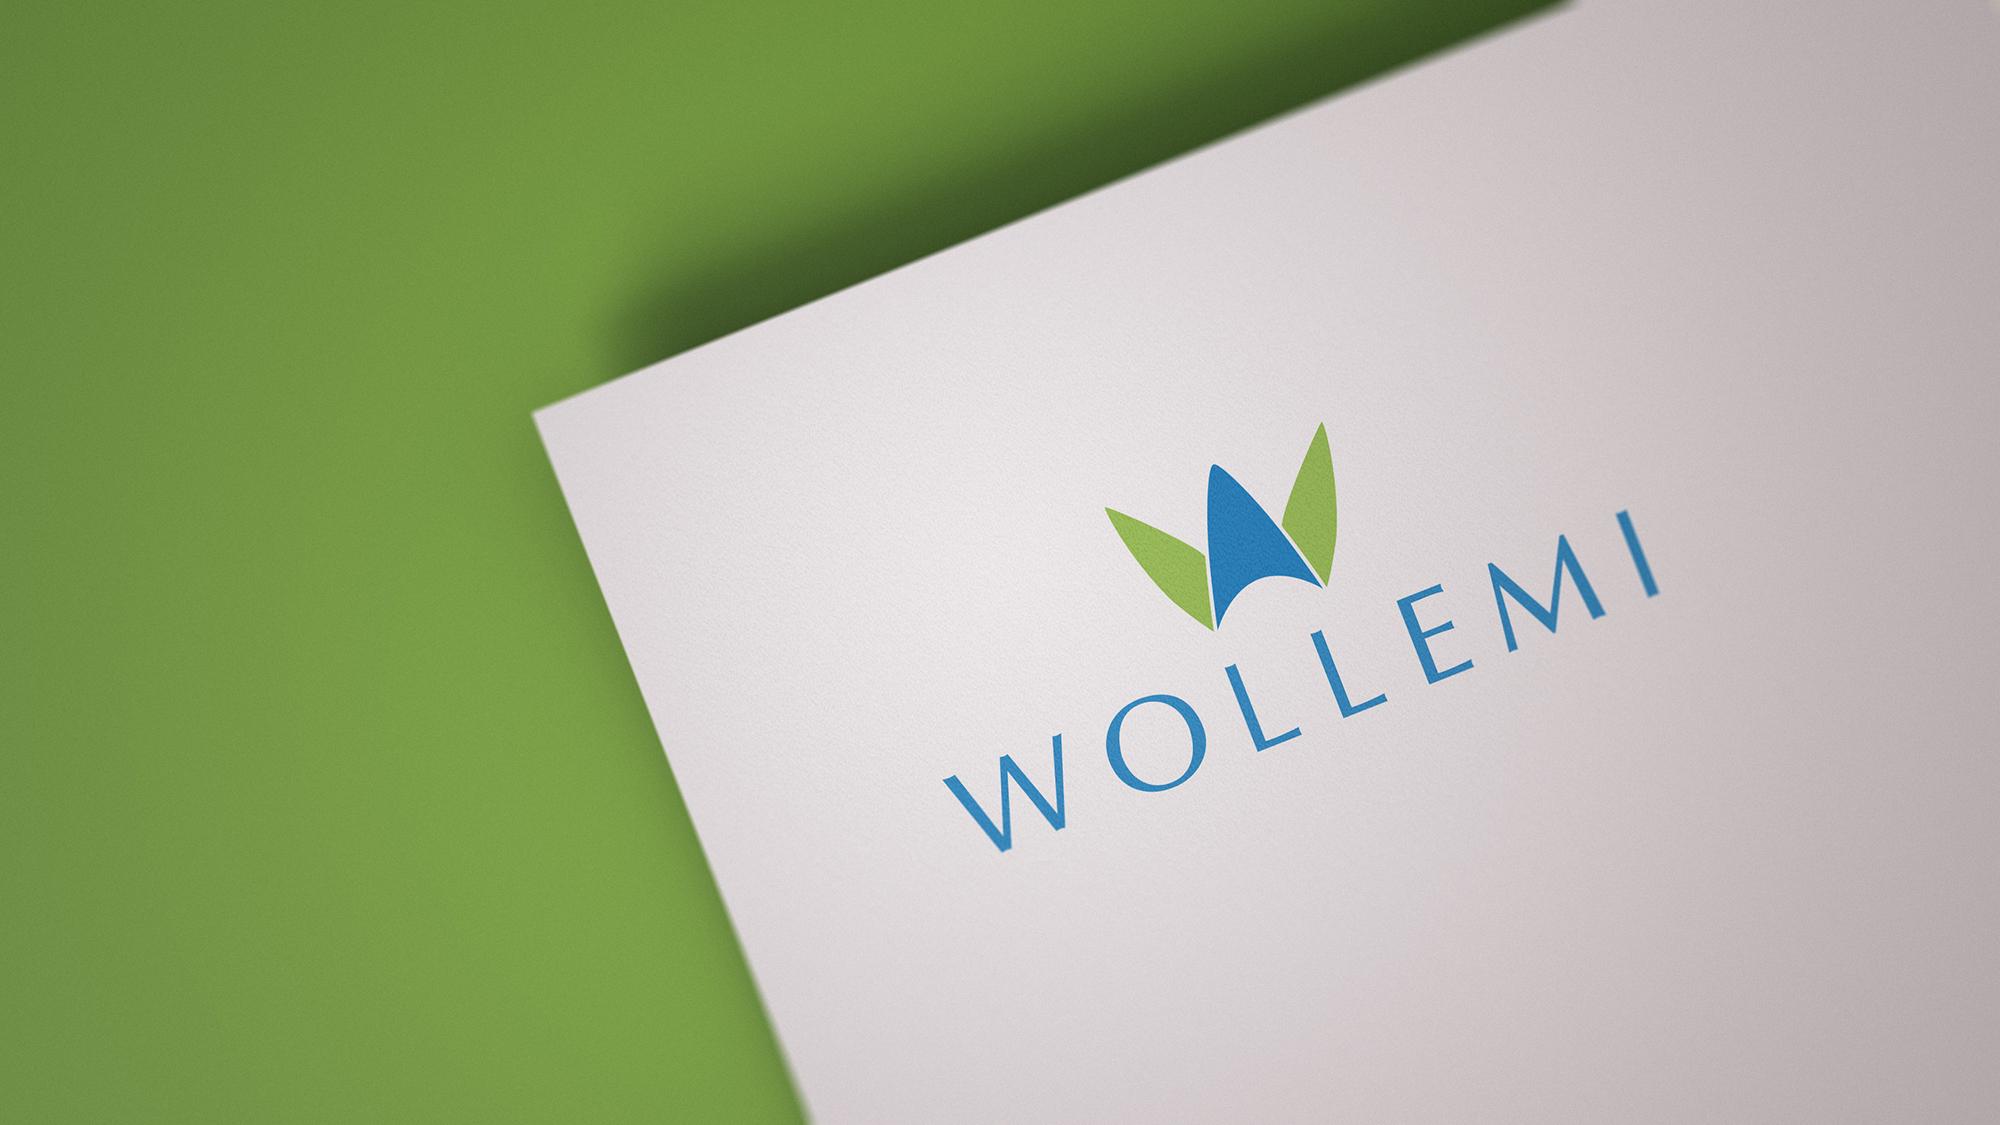 wollemi-logo-closeup